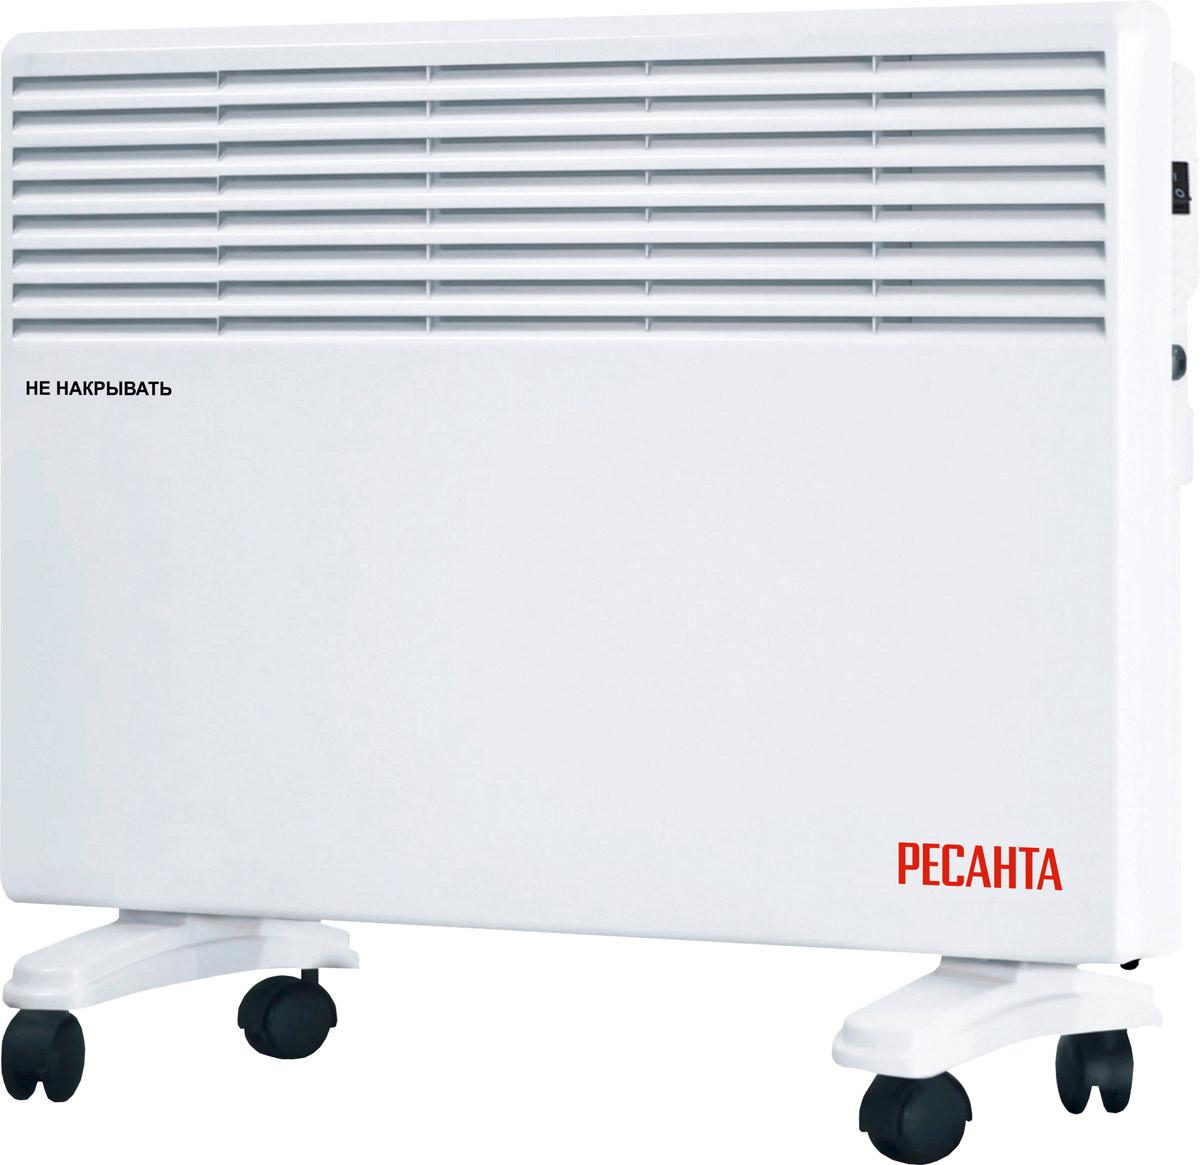 Ресанта ОК-2000Е (LED) конвектор67/4/14Конвектор электрический Ресанта ОК-2000E - отличием данной серии конвекторов является наличие электронного управления, точного электронного термостата, а также LED дисплея с возможностью отображения текущей температуры окружающей среды. Холодный воздух, находящийся в нижней части комнаты на уровне ног, проходит через нагревательный элемент конвектора. Увеличиваясь в объеме в момент нагрева, теплый поток устремляется вверх через жалюзи выходной решетки и плавно распространяется по комнате. При этом направление потока, заданное наклоном жалюзи, создает благоприятную, ускоренную циркуляцию теплого воздуха внутри помещения, не рассредоточивая его на стены и окна.